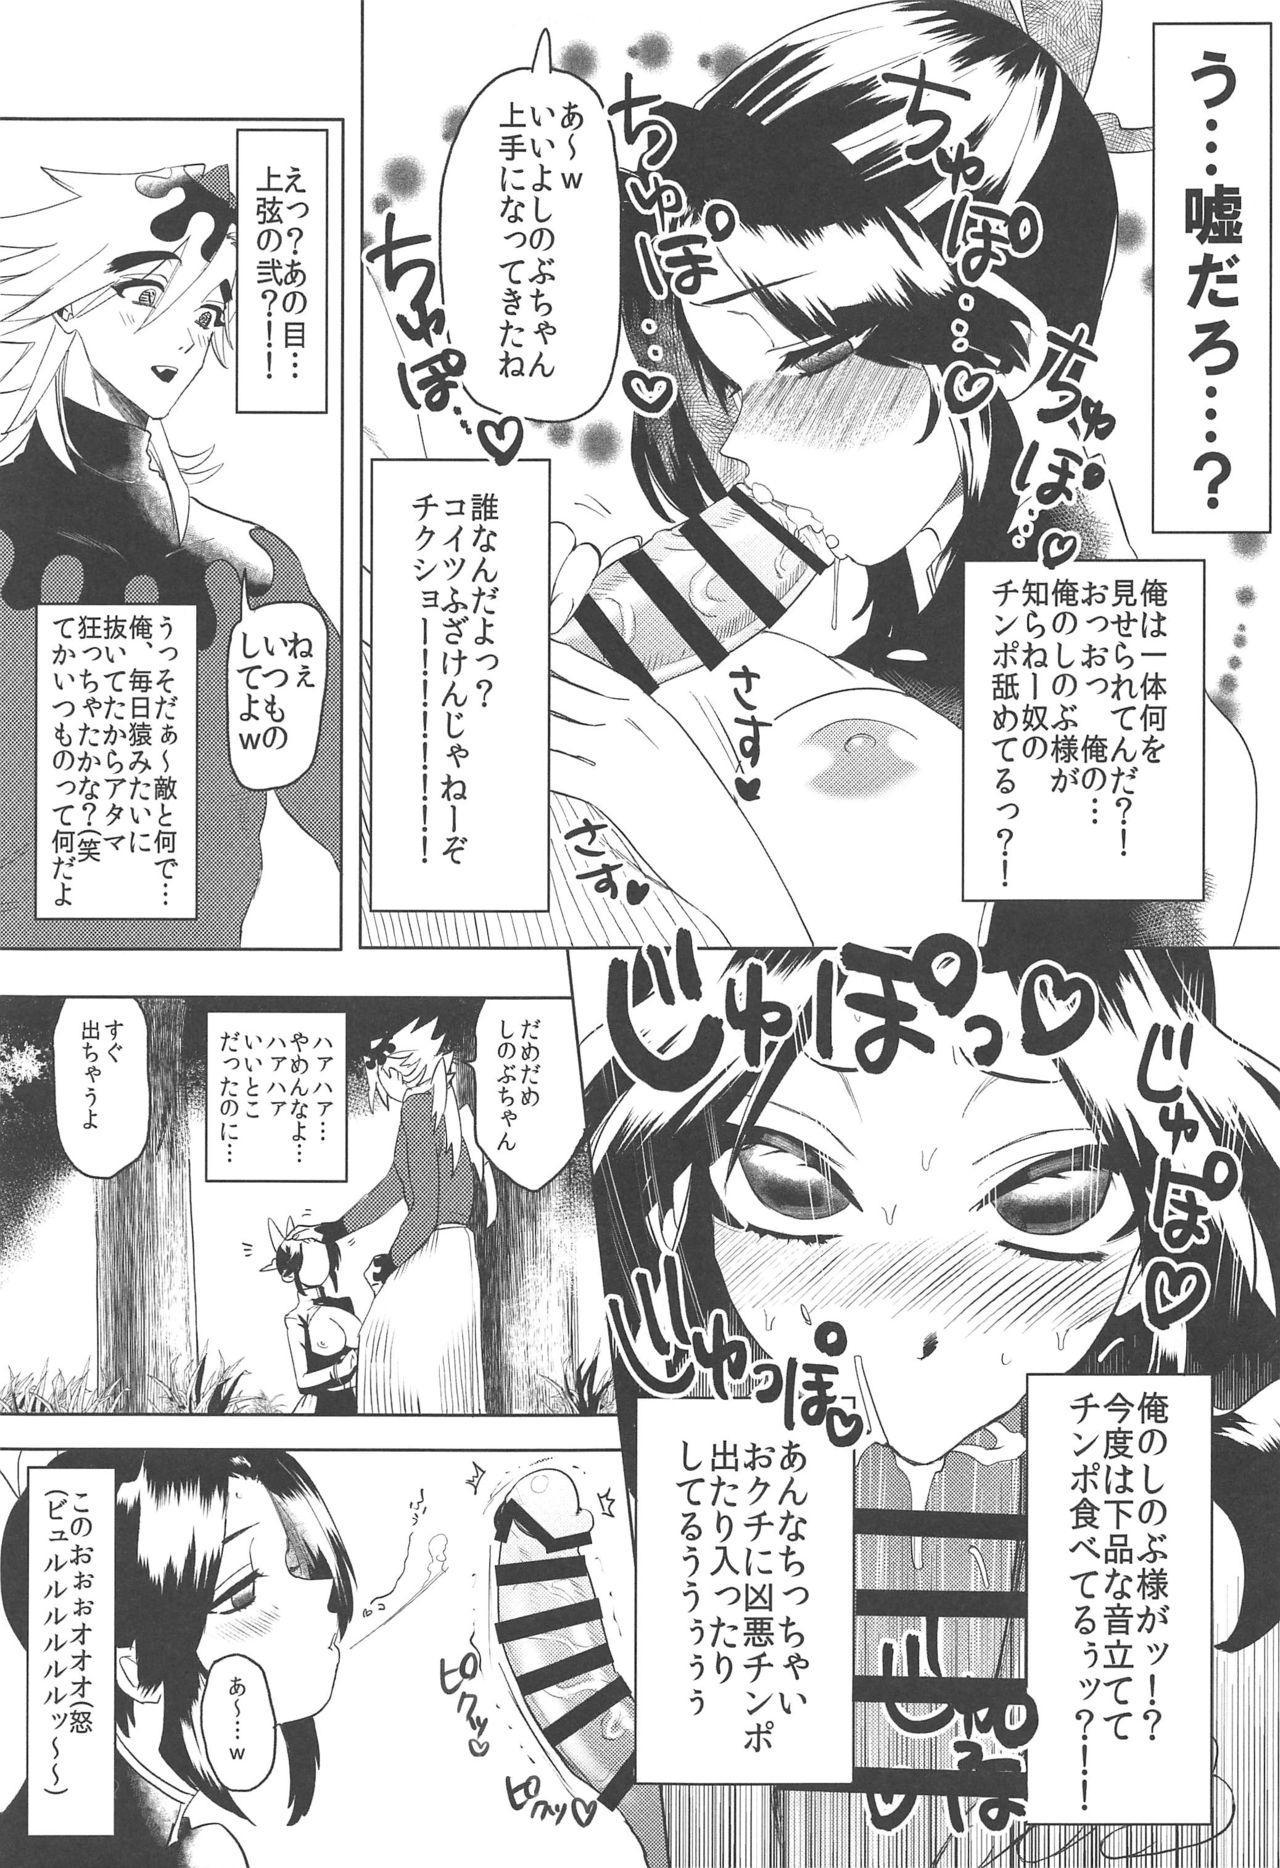 Mushibashira Zecchou Kairaku Shugou Acme Jigoku 15